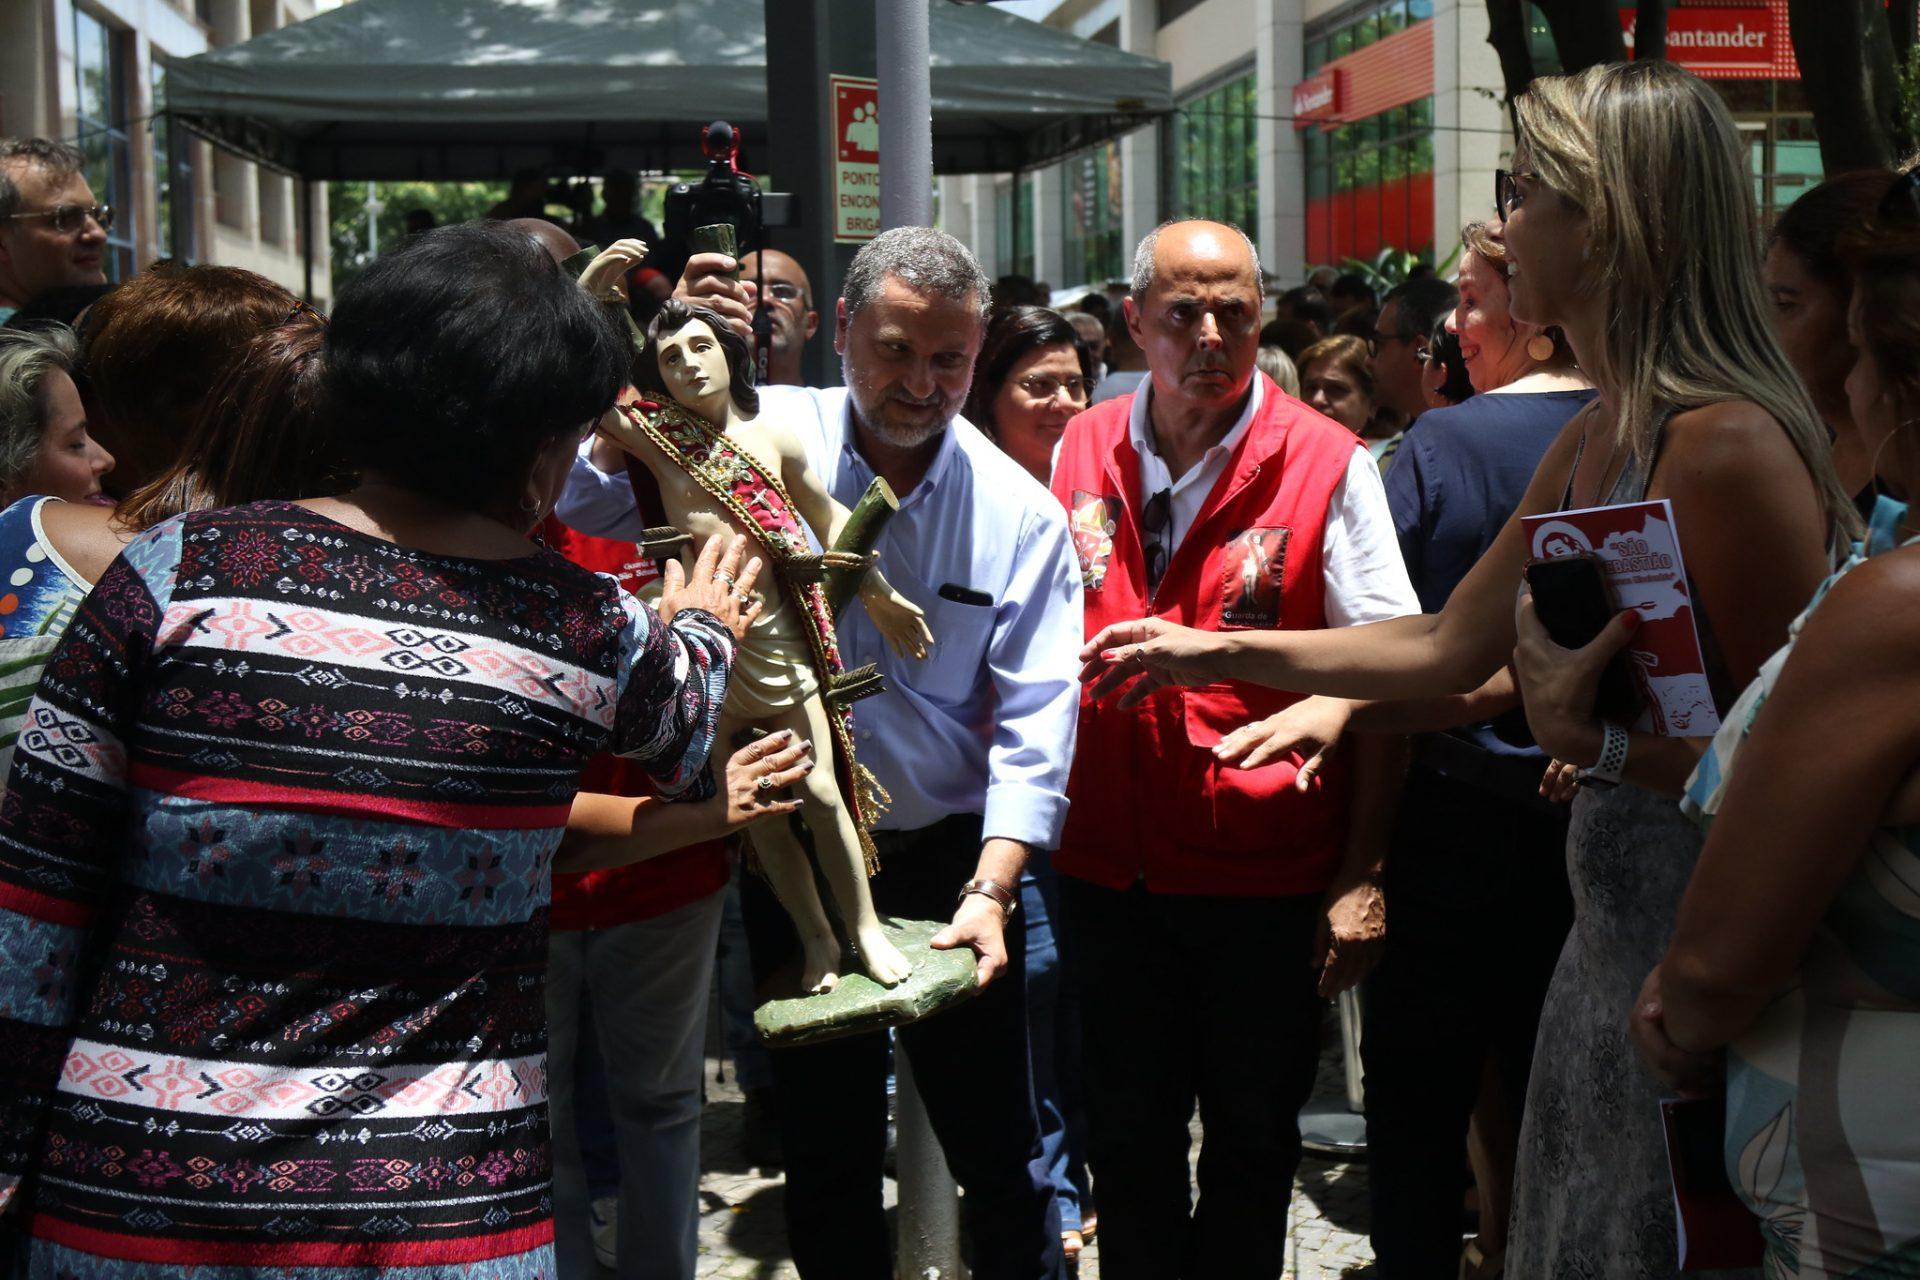 A imagem de São Sebastião, conduzida pelo secretário municipal de Infraestrutura, Sebastião Bruno, é tocada por fiéis no CASS. Foto: Hudson Pontes / Prefeitura do Rio